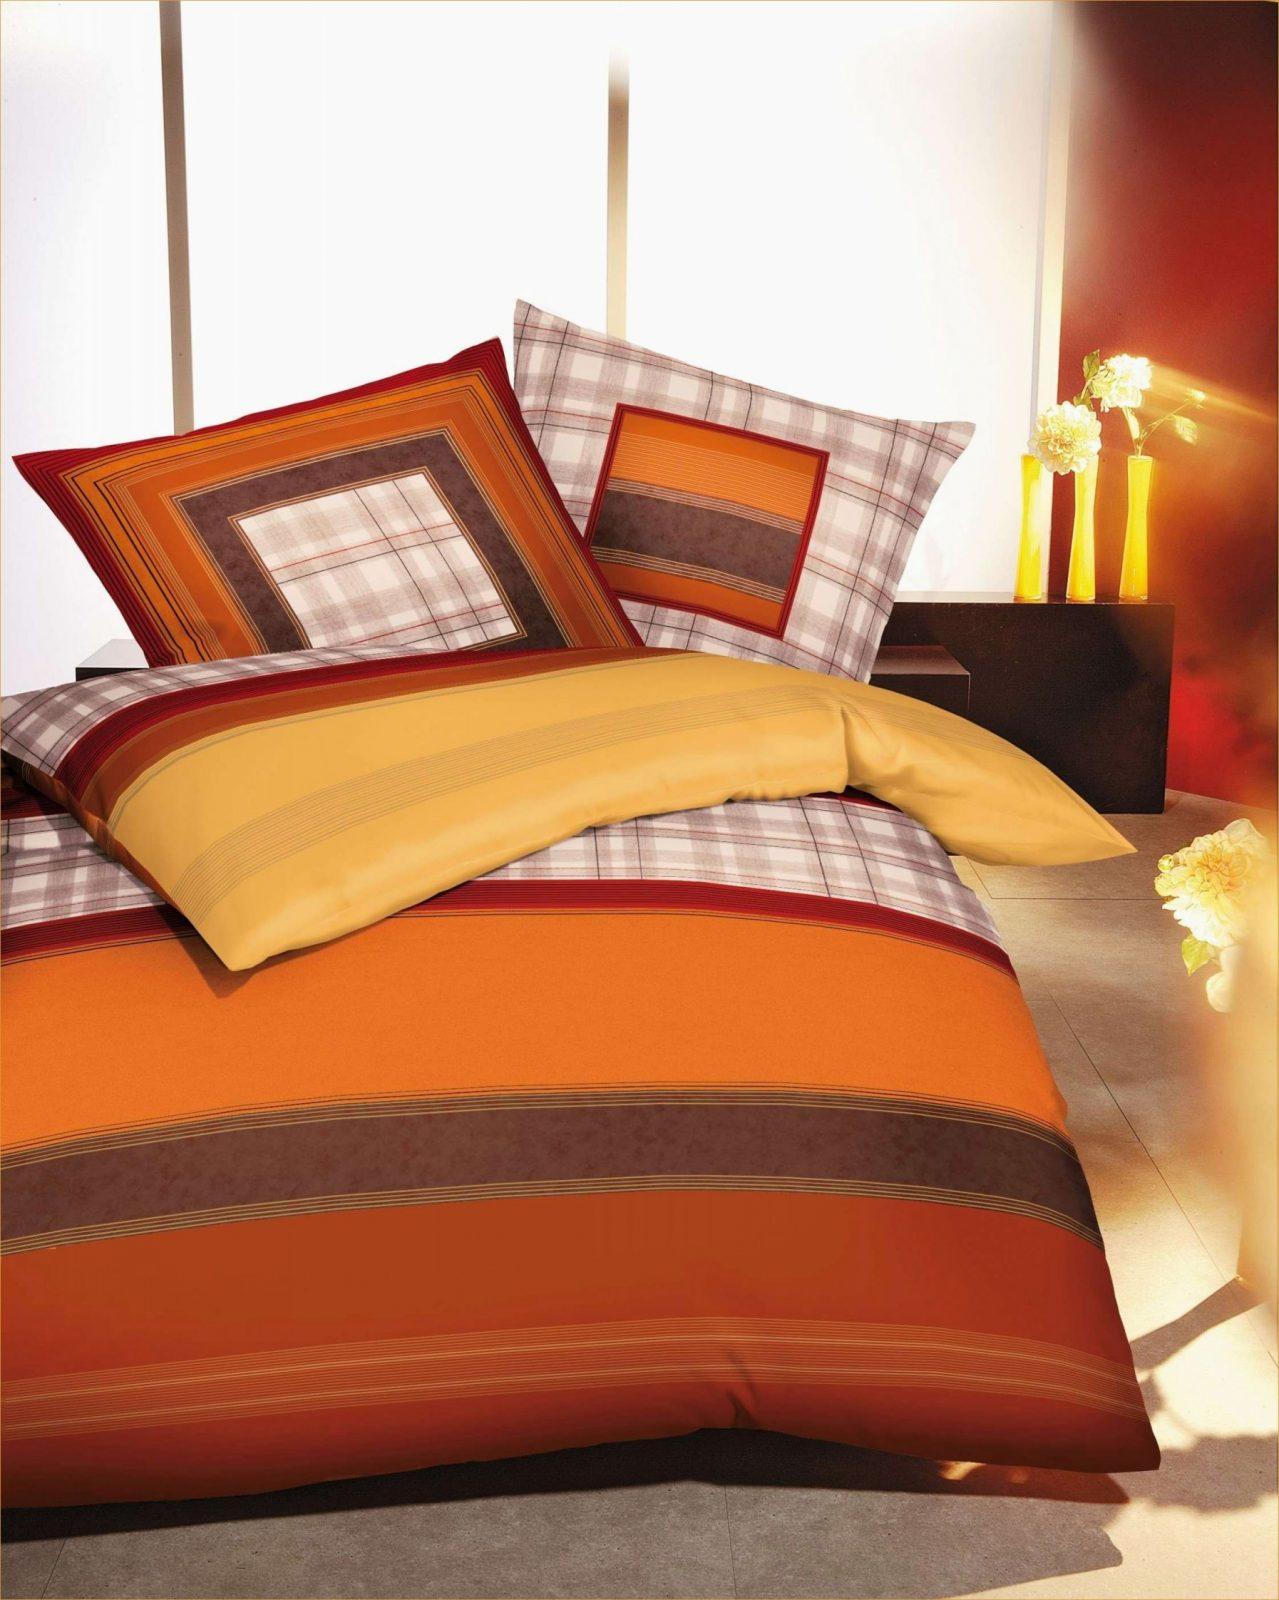 Steppbett 200X220 Neu Aldi Bettwäsche 200X220 Schlafzimmer Lampe von Bettwäsche 200X220 Aldi Bild